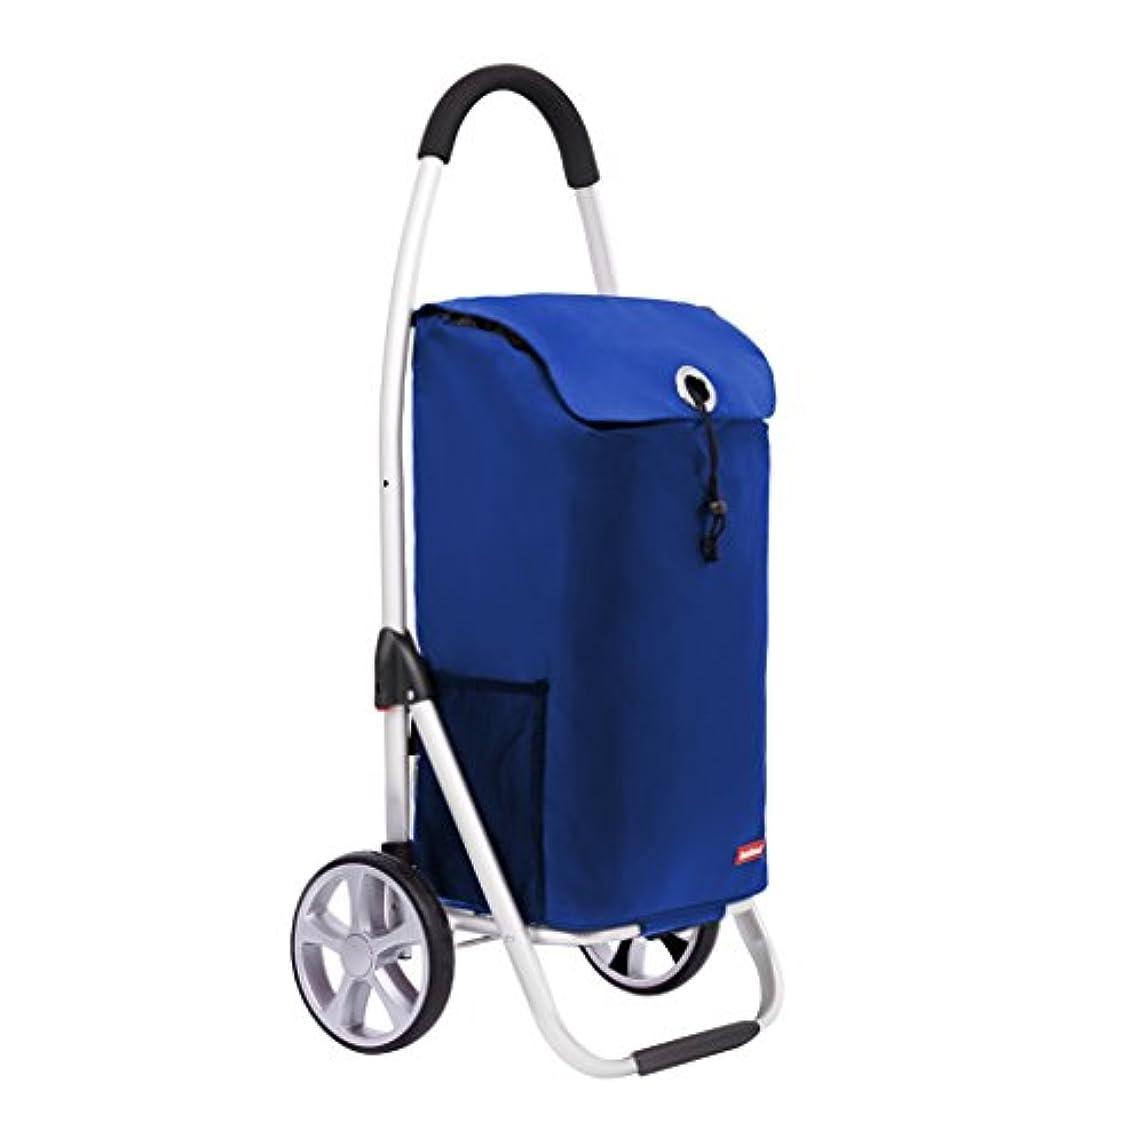 コードレス無視札入れJTWJ ショッピングカートトロリーポータブル折りたたみ車33L容量ブルー100x46x35.5cm